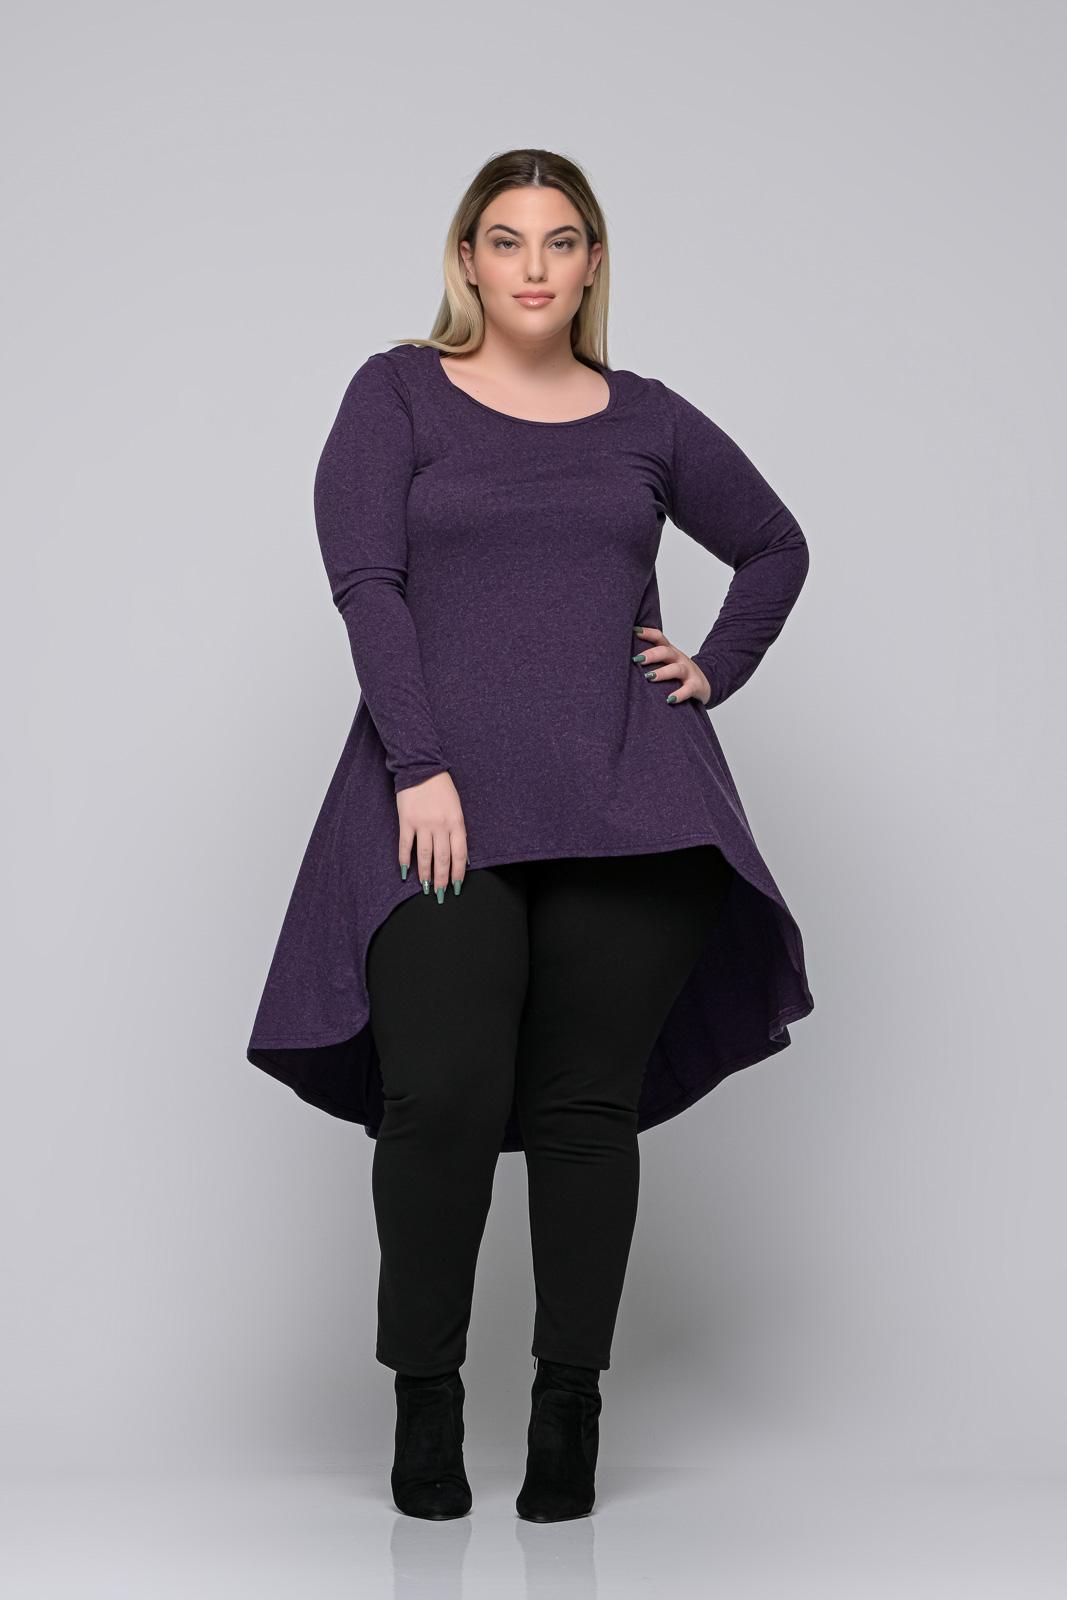 Μπλούζoφόρεμα μεγάλα μεγέθη +Psx μωβ ελαστική βισκόζ. Στο eshop μας θα βρείτε οικονομικά γυναίκεια ρούχα σε μεγάλα μεγέθη και υπερμεγέθη.